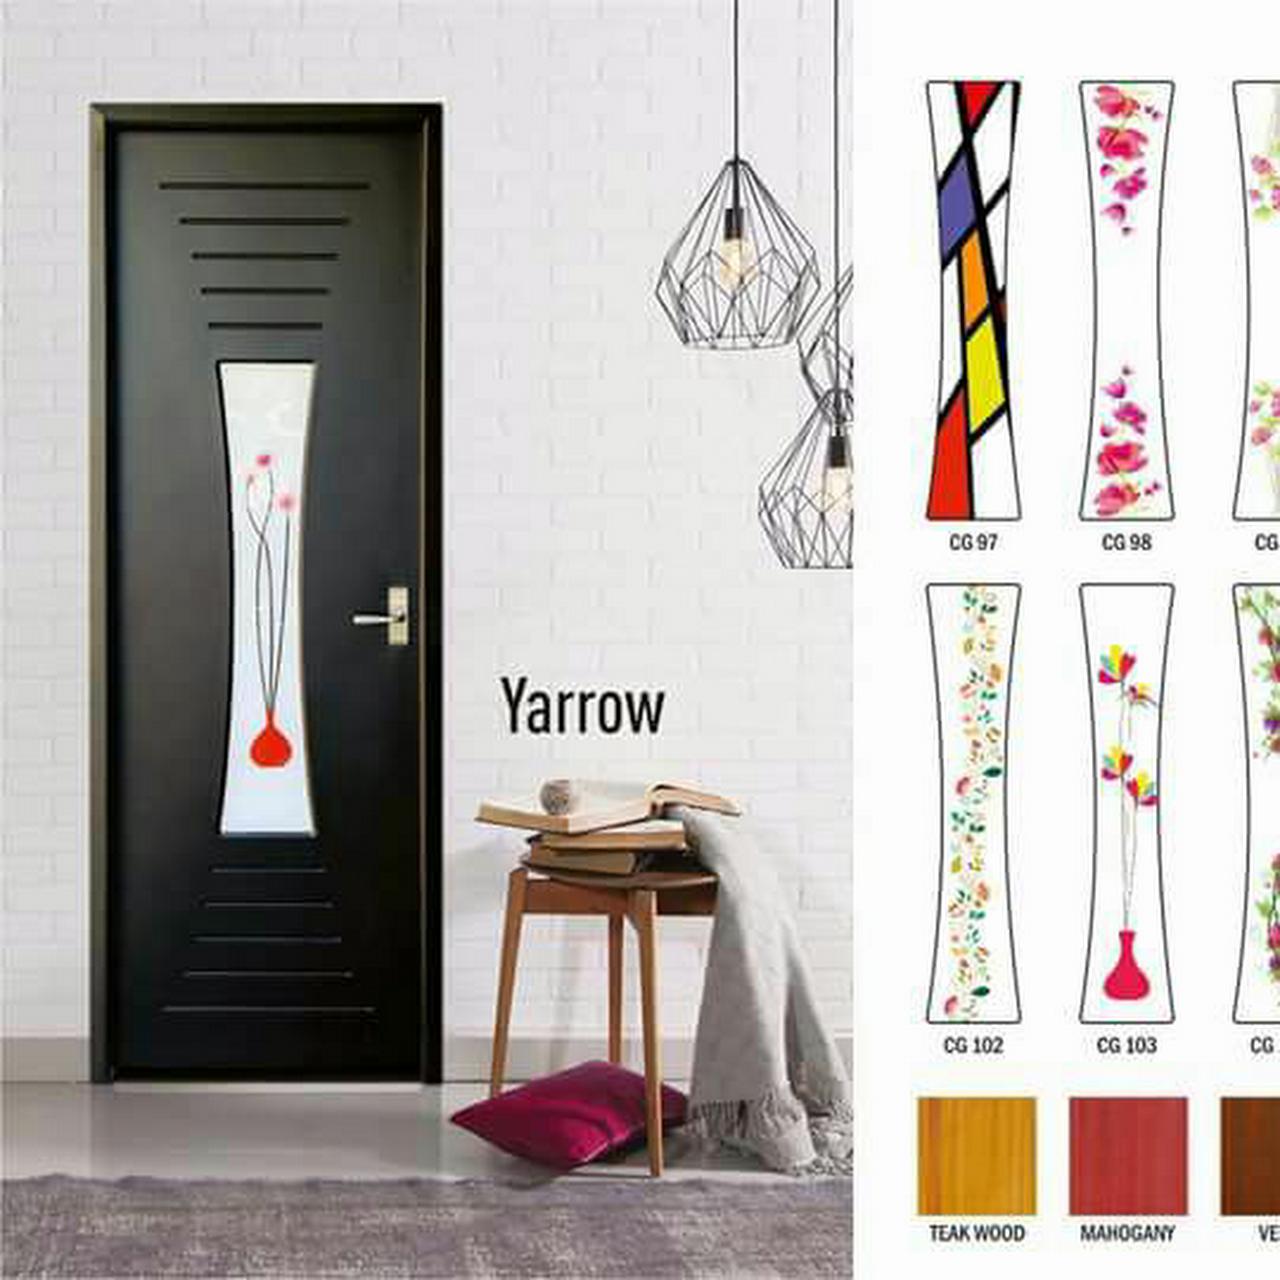 Bathroom doors  sc 1 th 225 & Kerala Fiber Doors - Door Manufacturer in Alappuzha